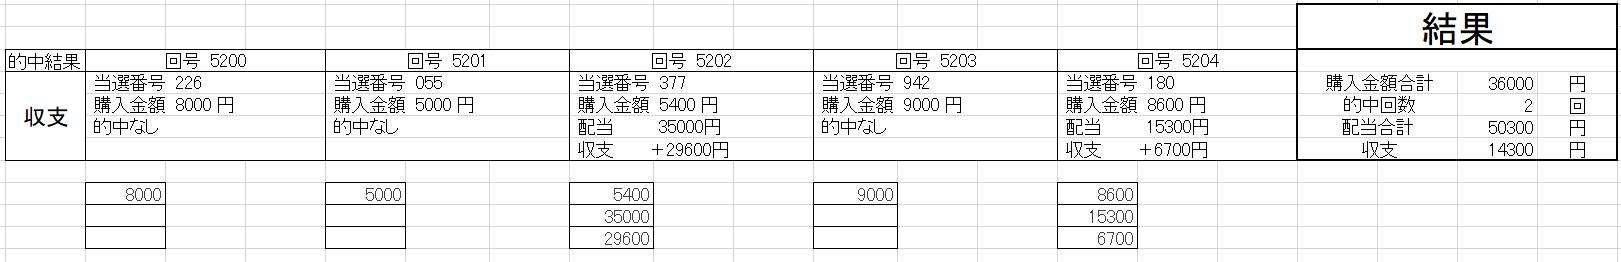 ナンバーズ3予想072